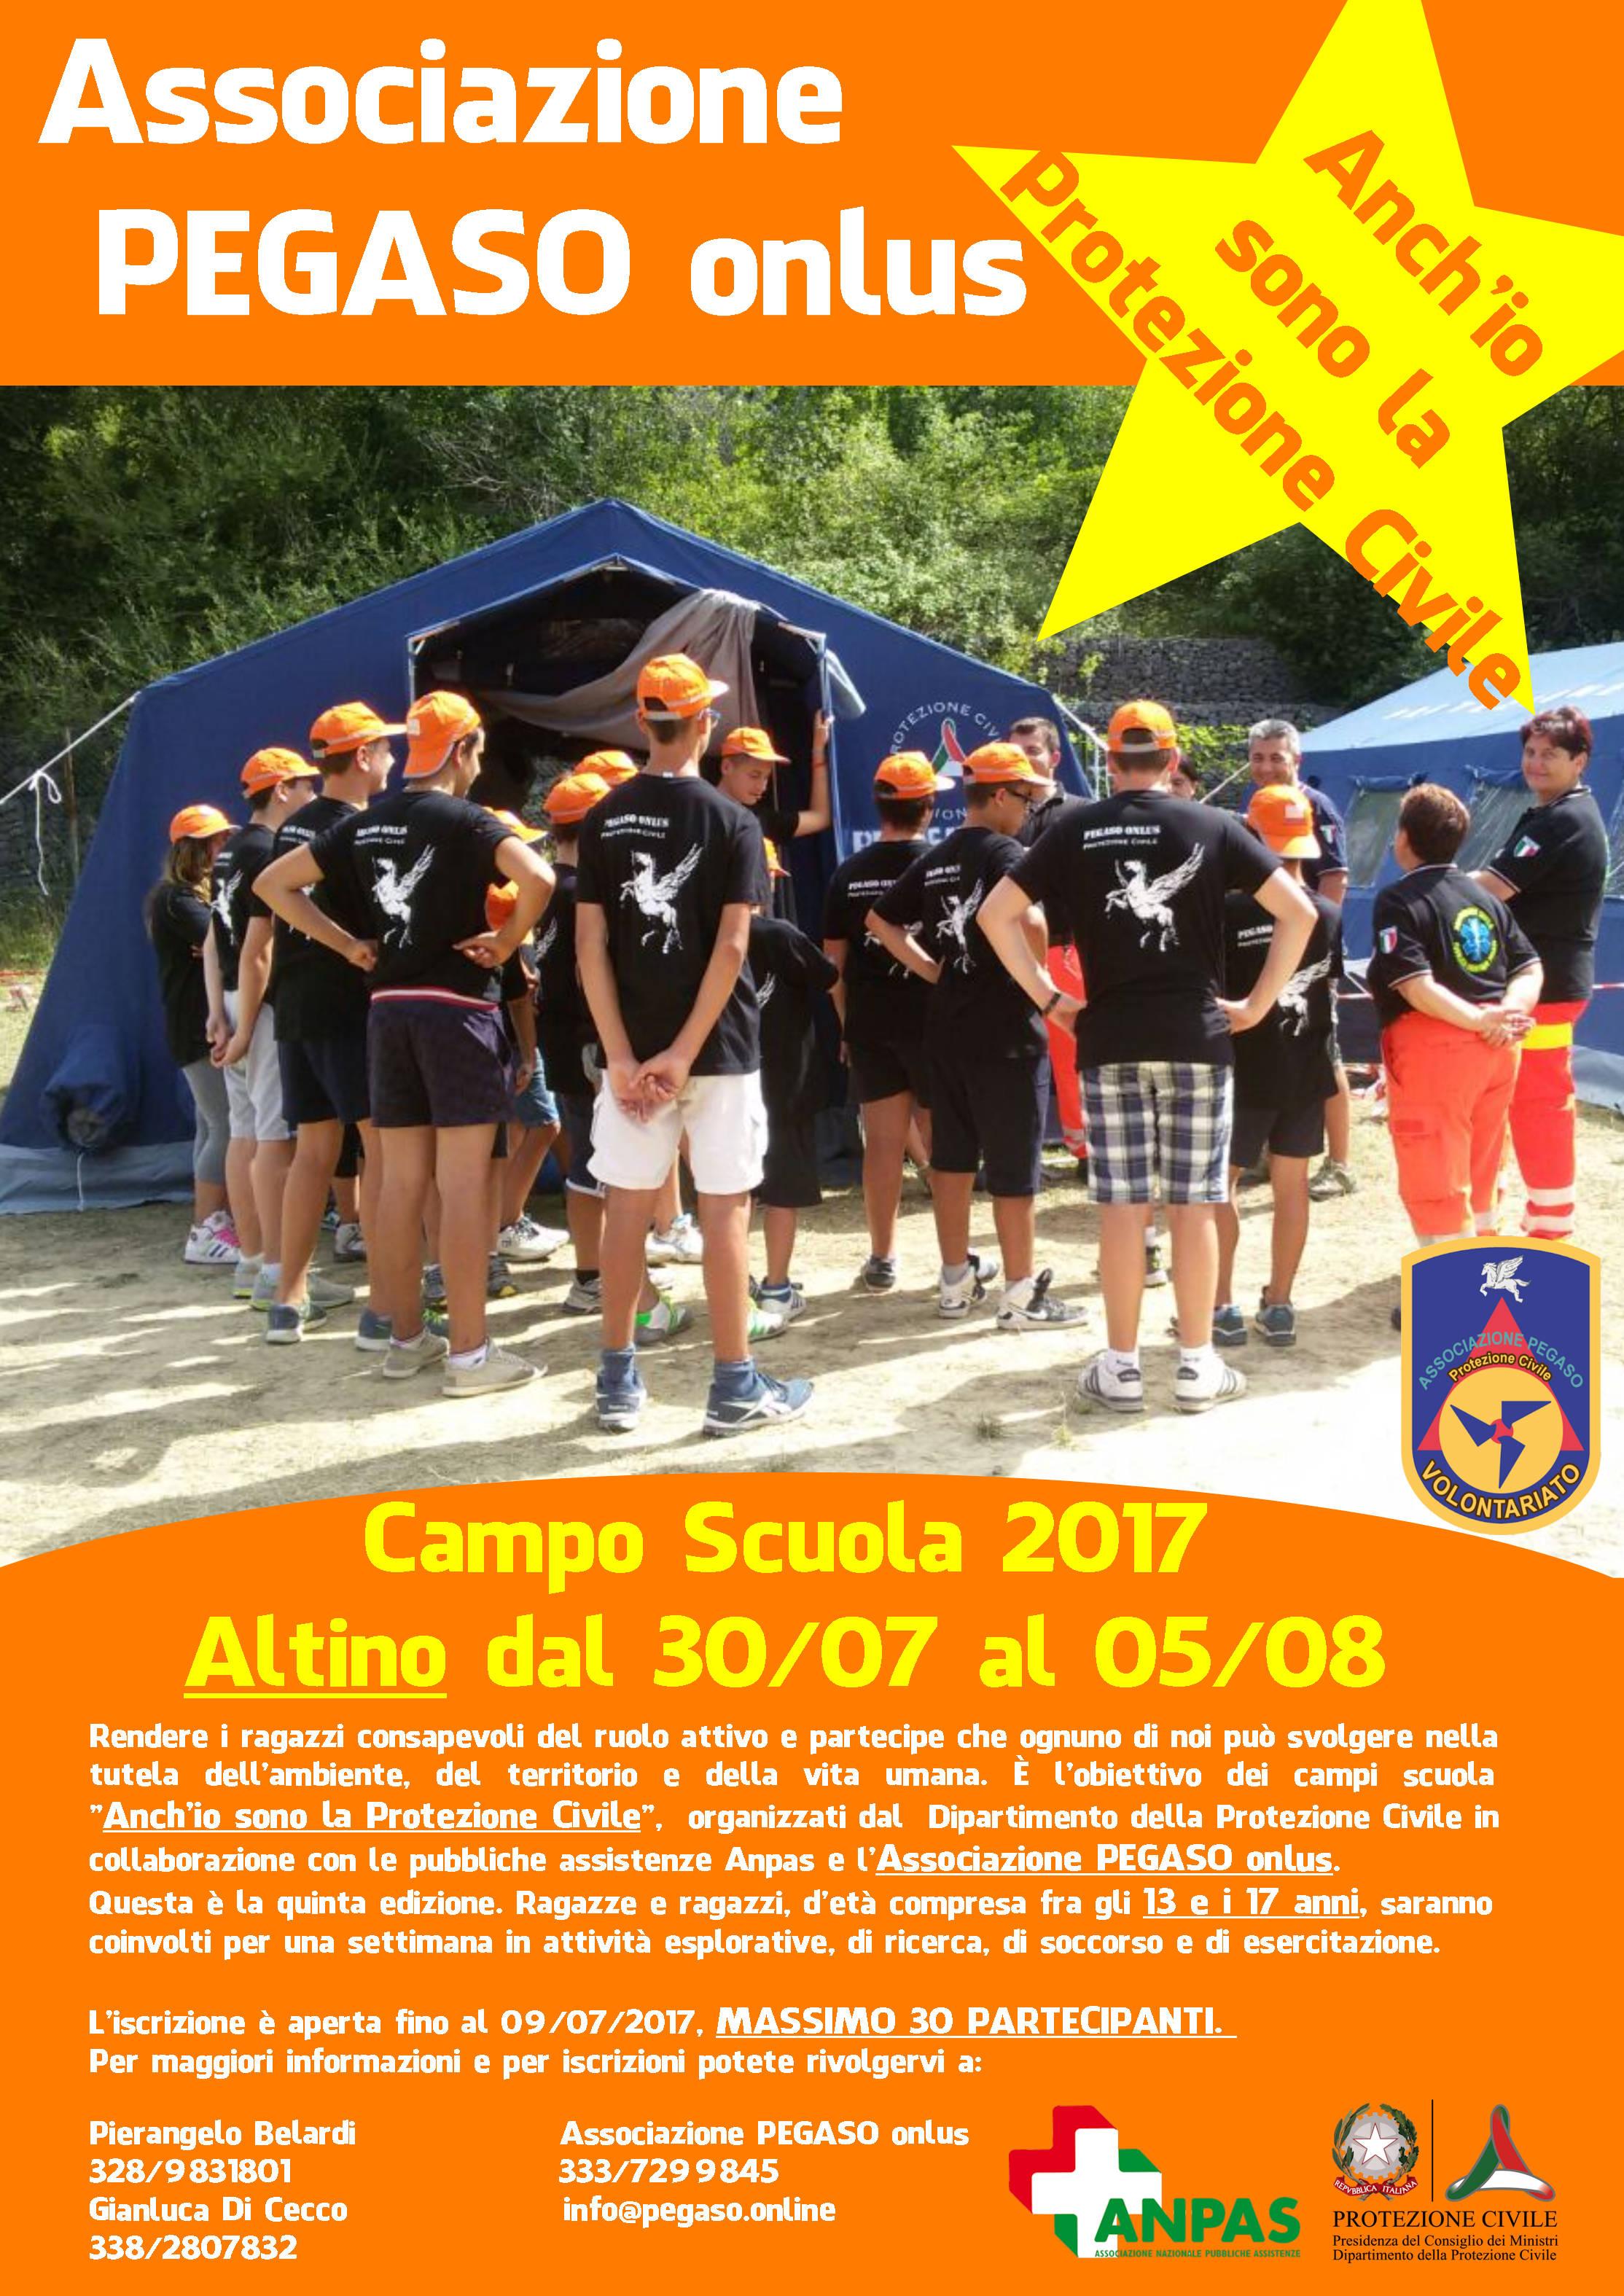 Campo Scuola 2017